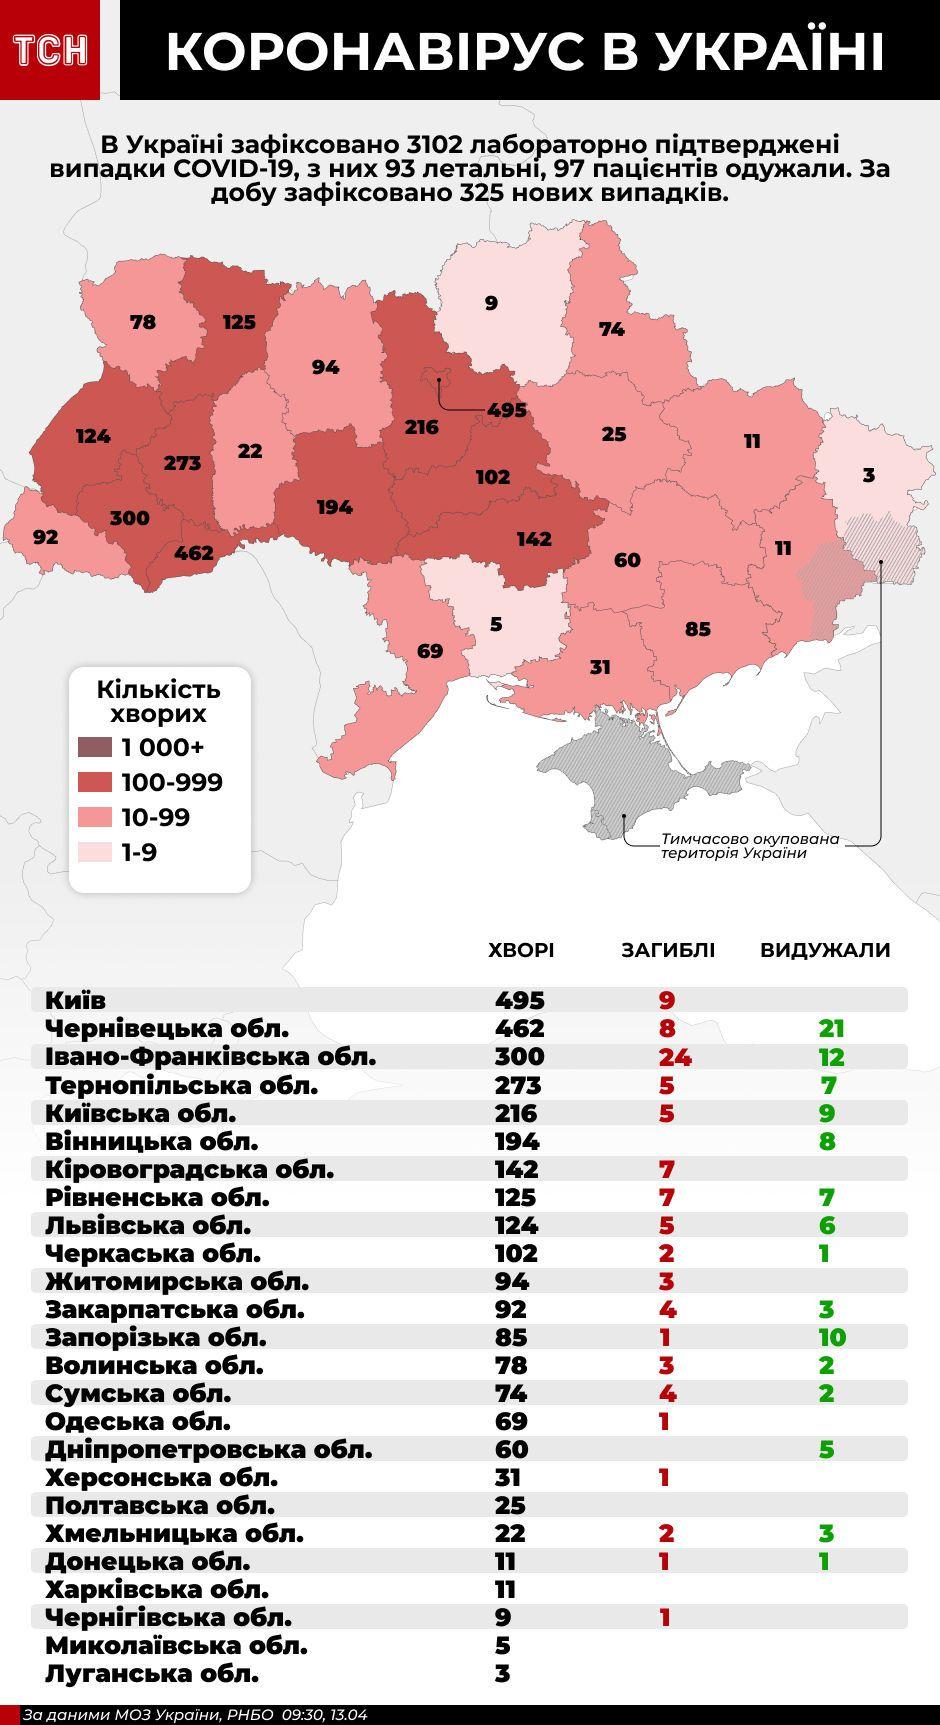 карта україни з хворими на коронавірус на 13.04. інфографіка